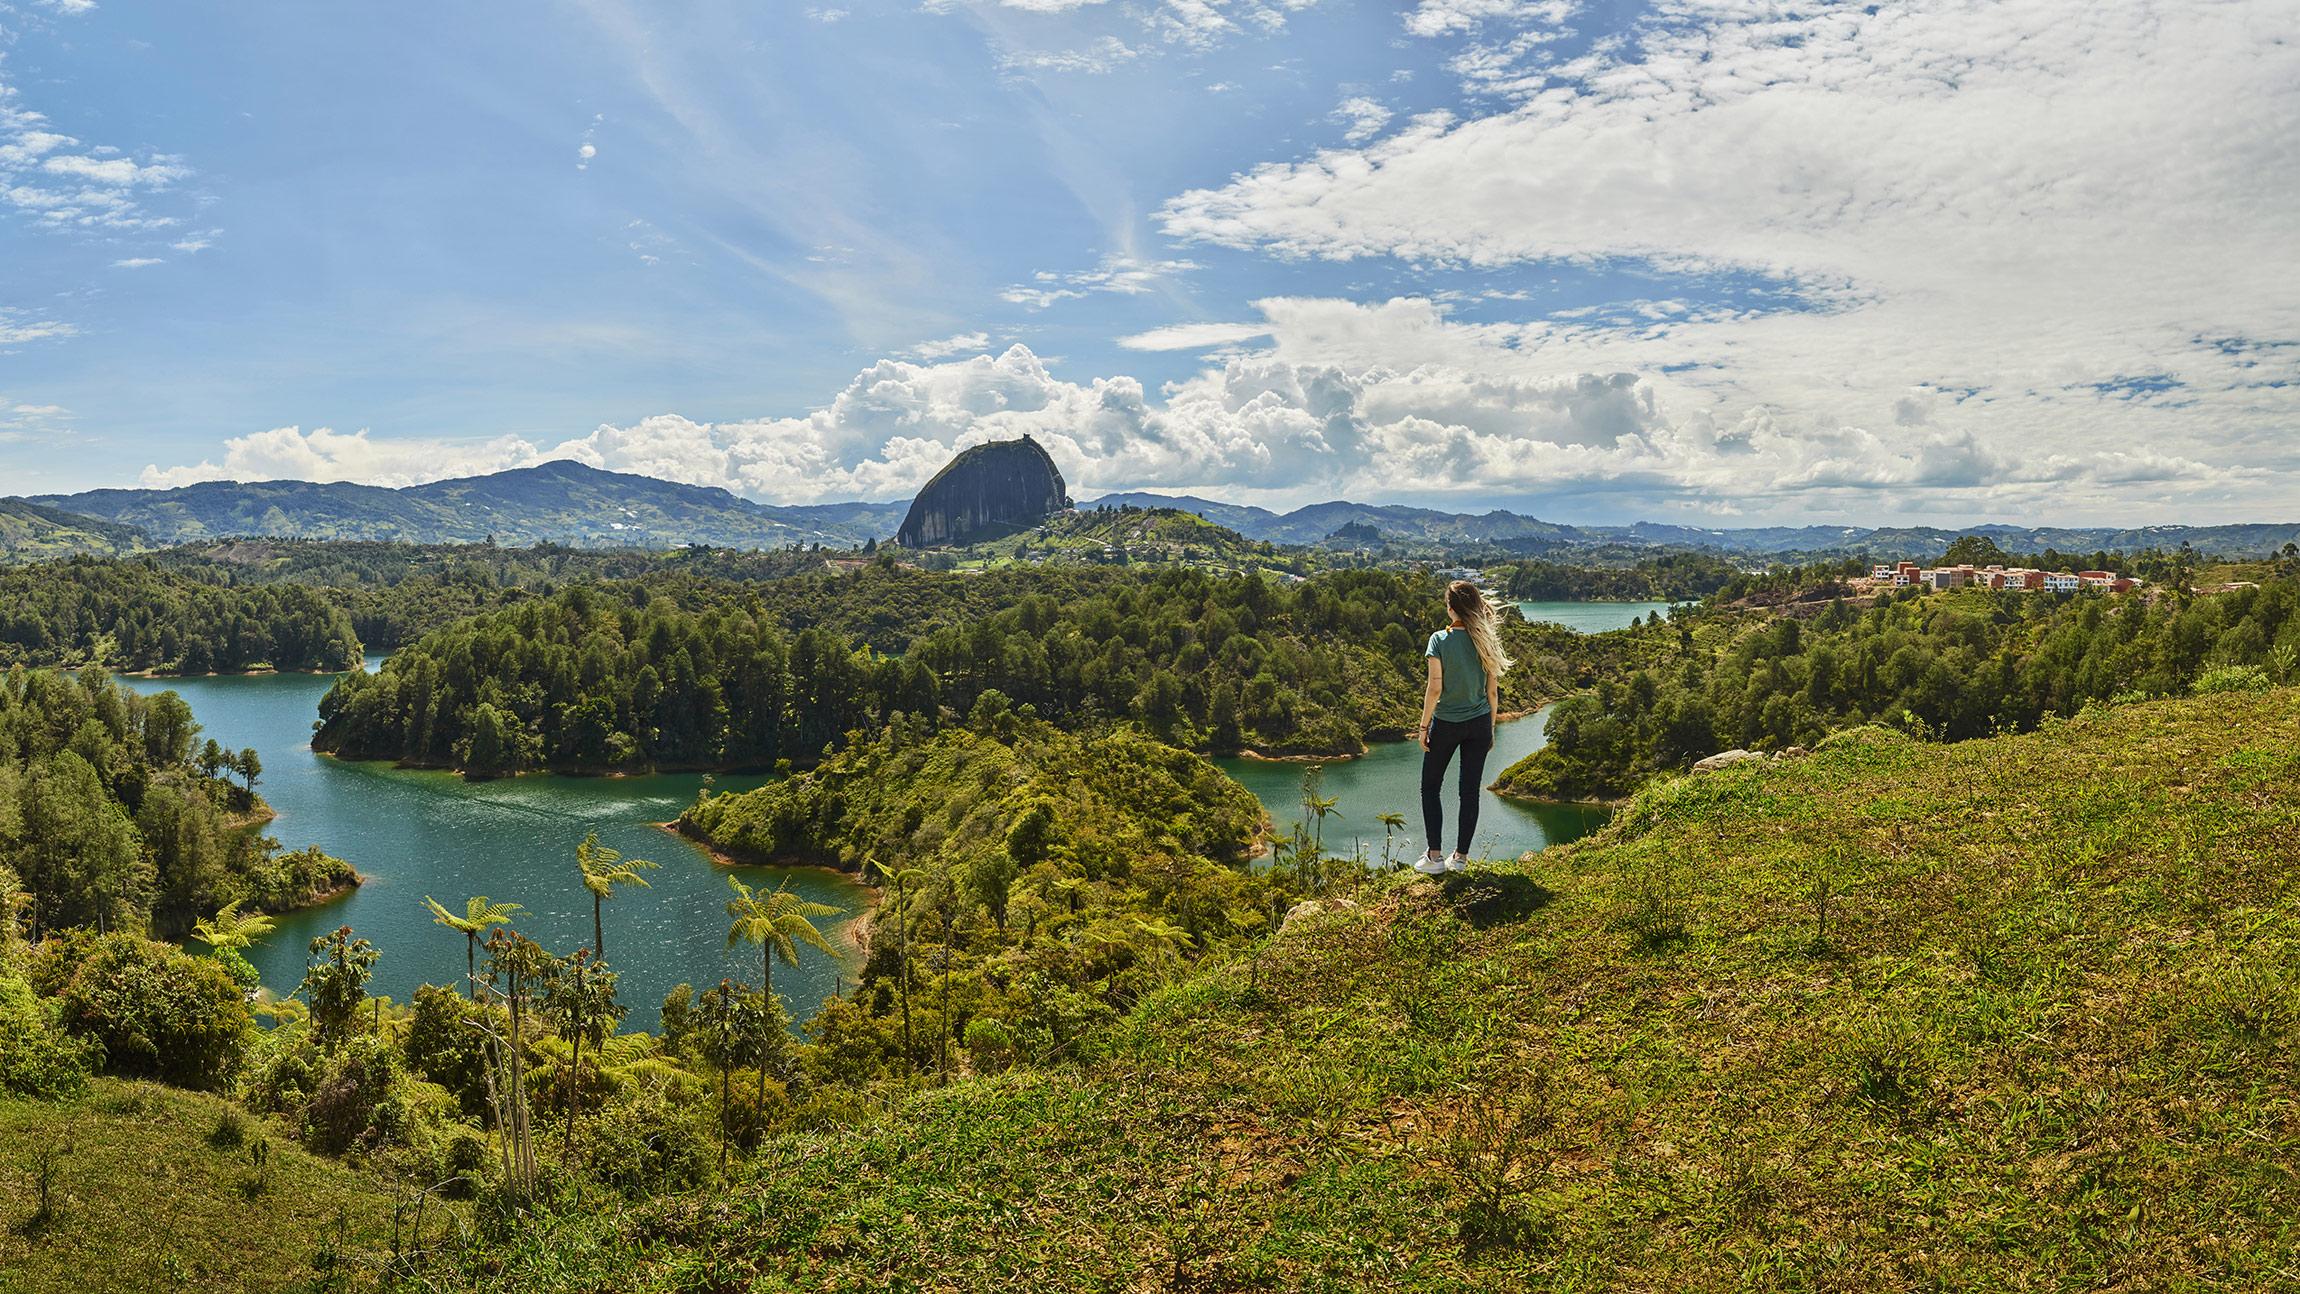 Organización Mundial del Turismo y ProColombia entregarán 100 becas a empresarios del sector turístico